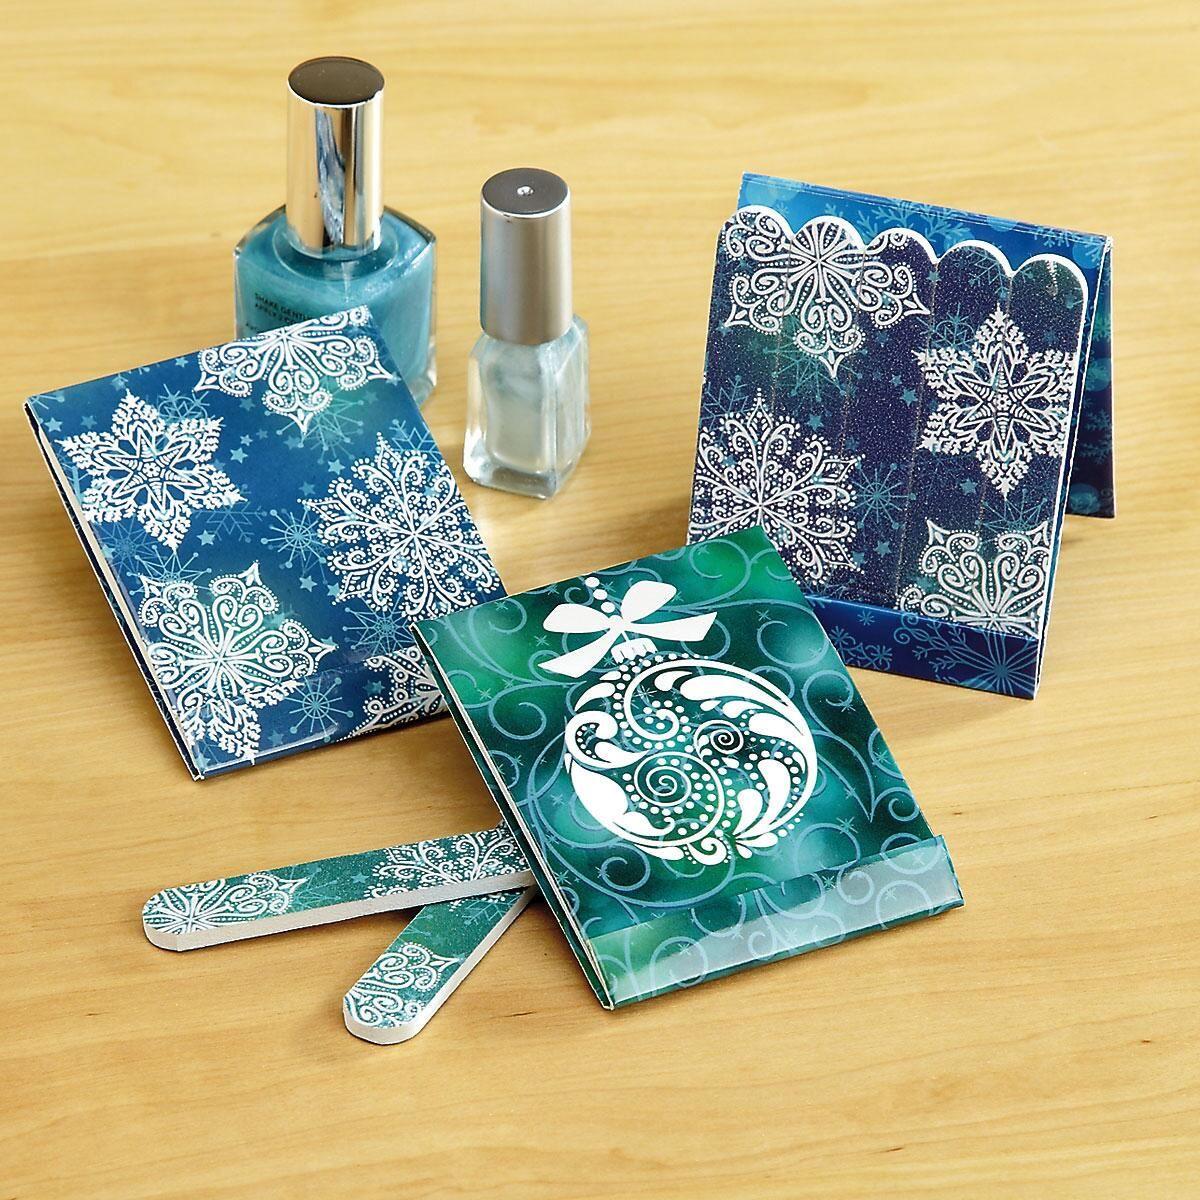 Mini Snowflakes Emery Board Matchbooks